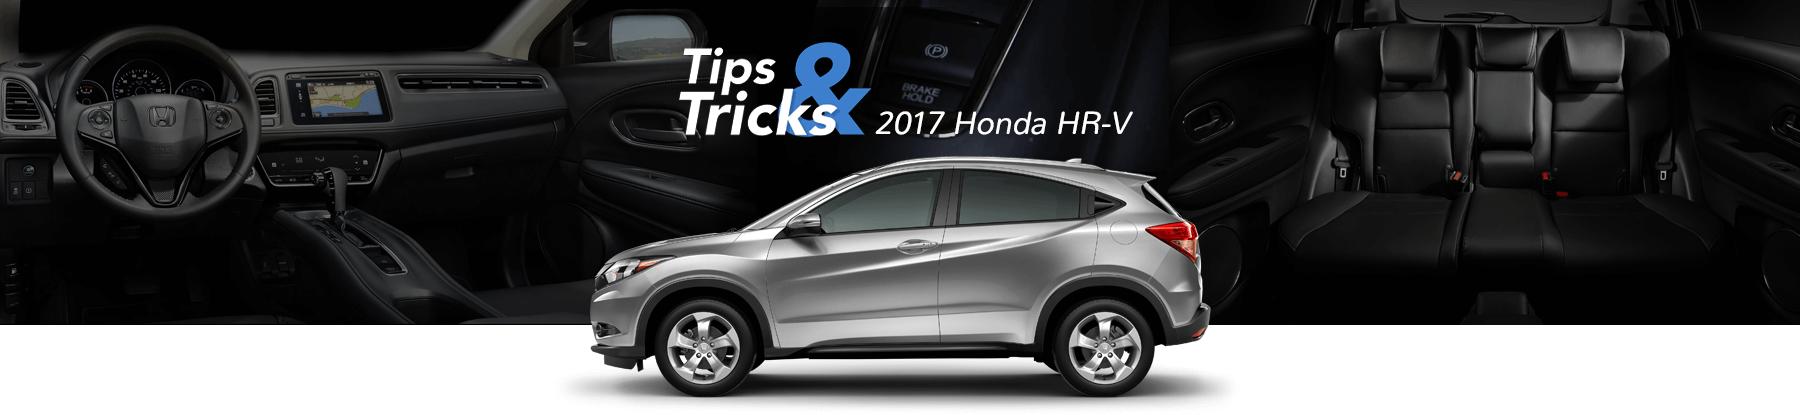 2017 Honda HR-V Banner